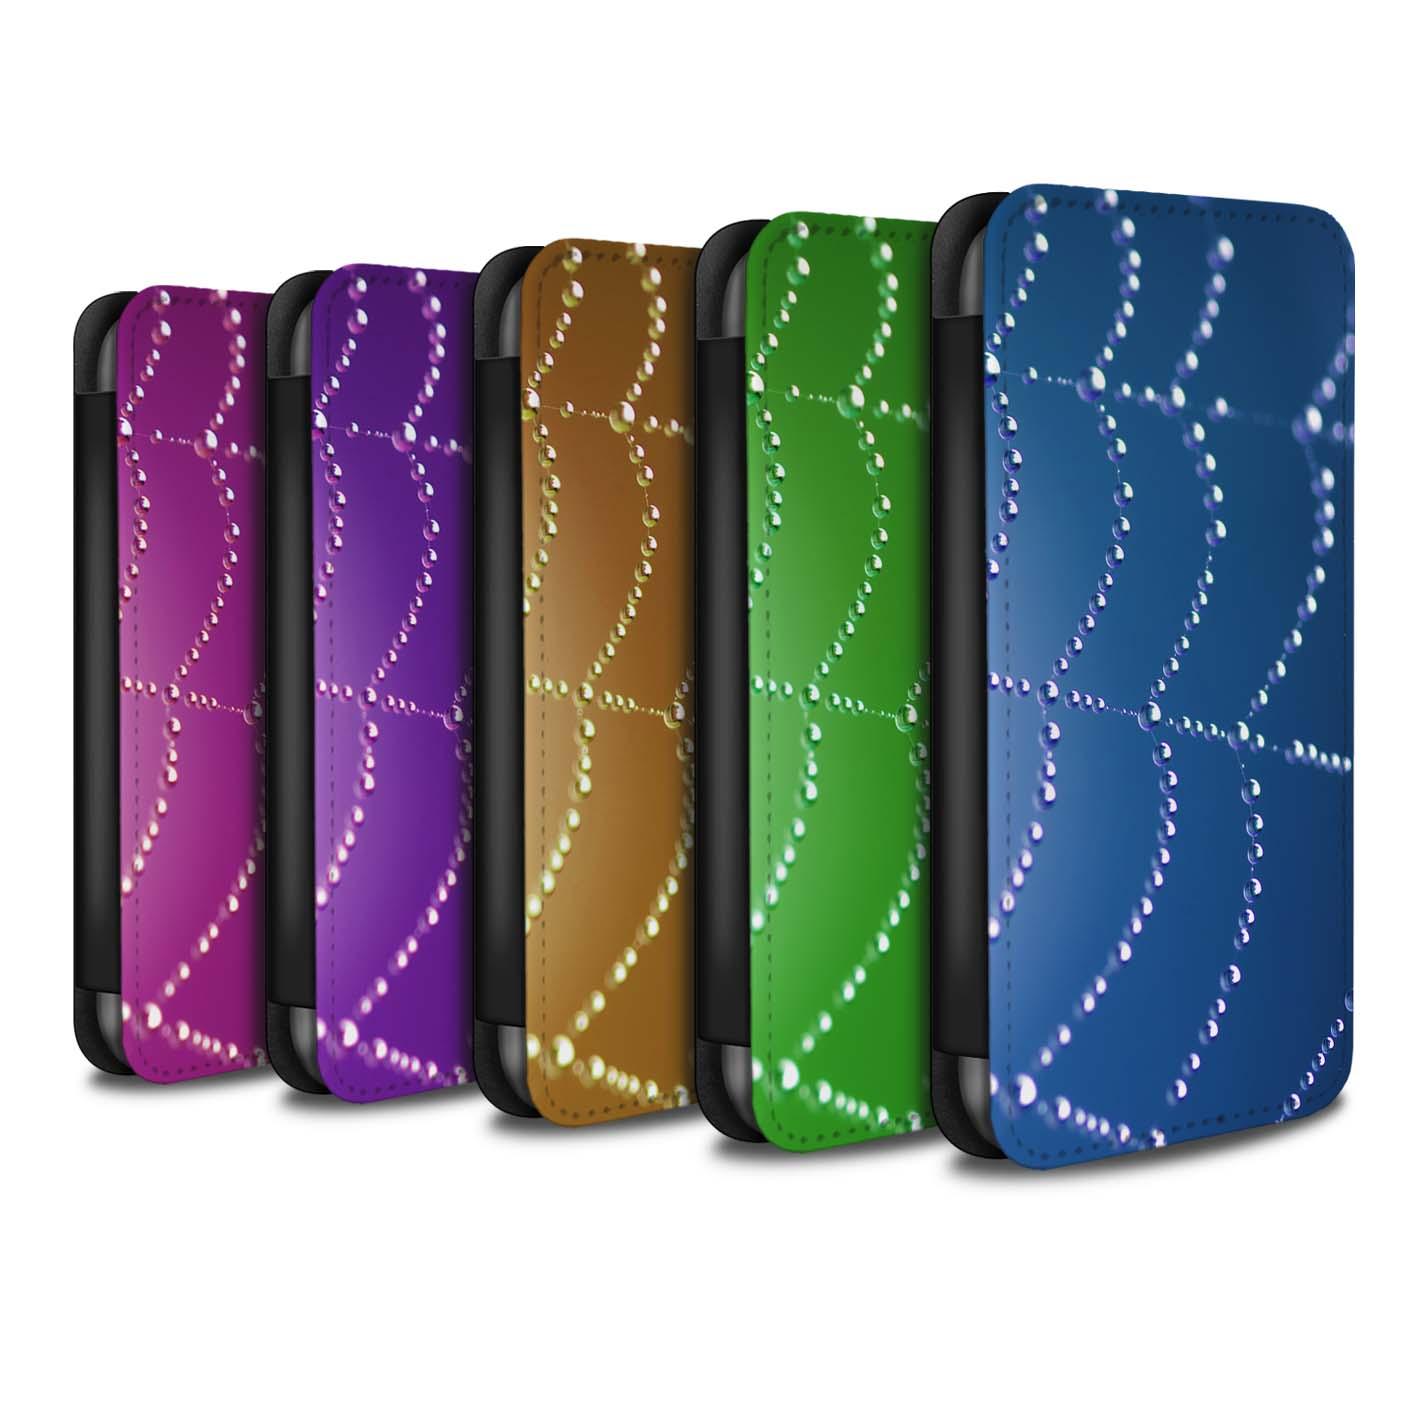 Coque-Etui-Case-Cuir-PU-pour-Samsung-Galaxy-S7-G930-Toile-d-039-araignee-Perles